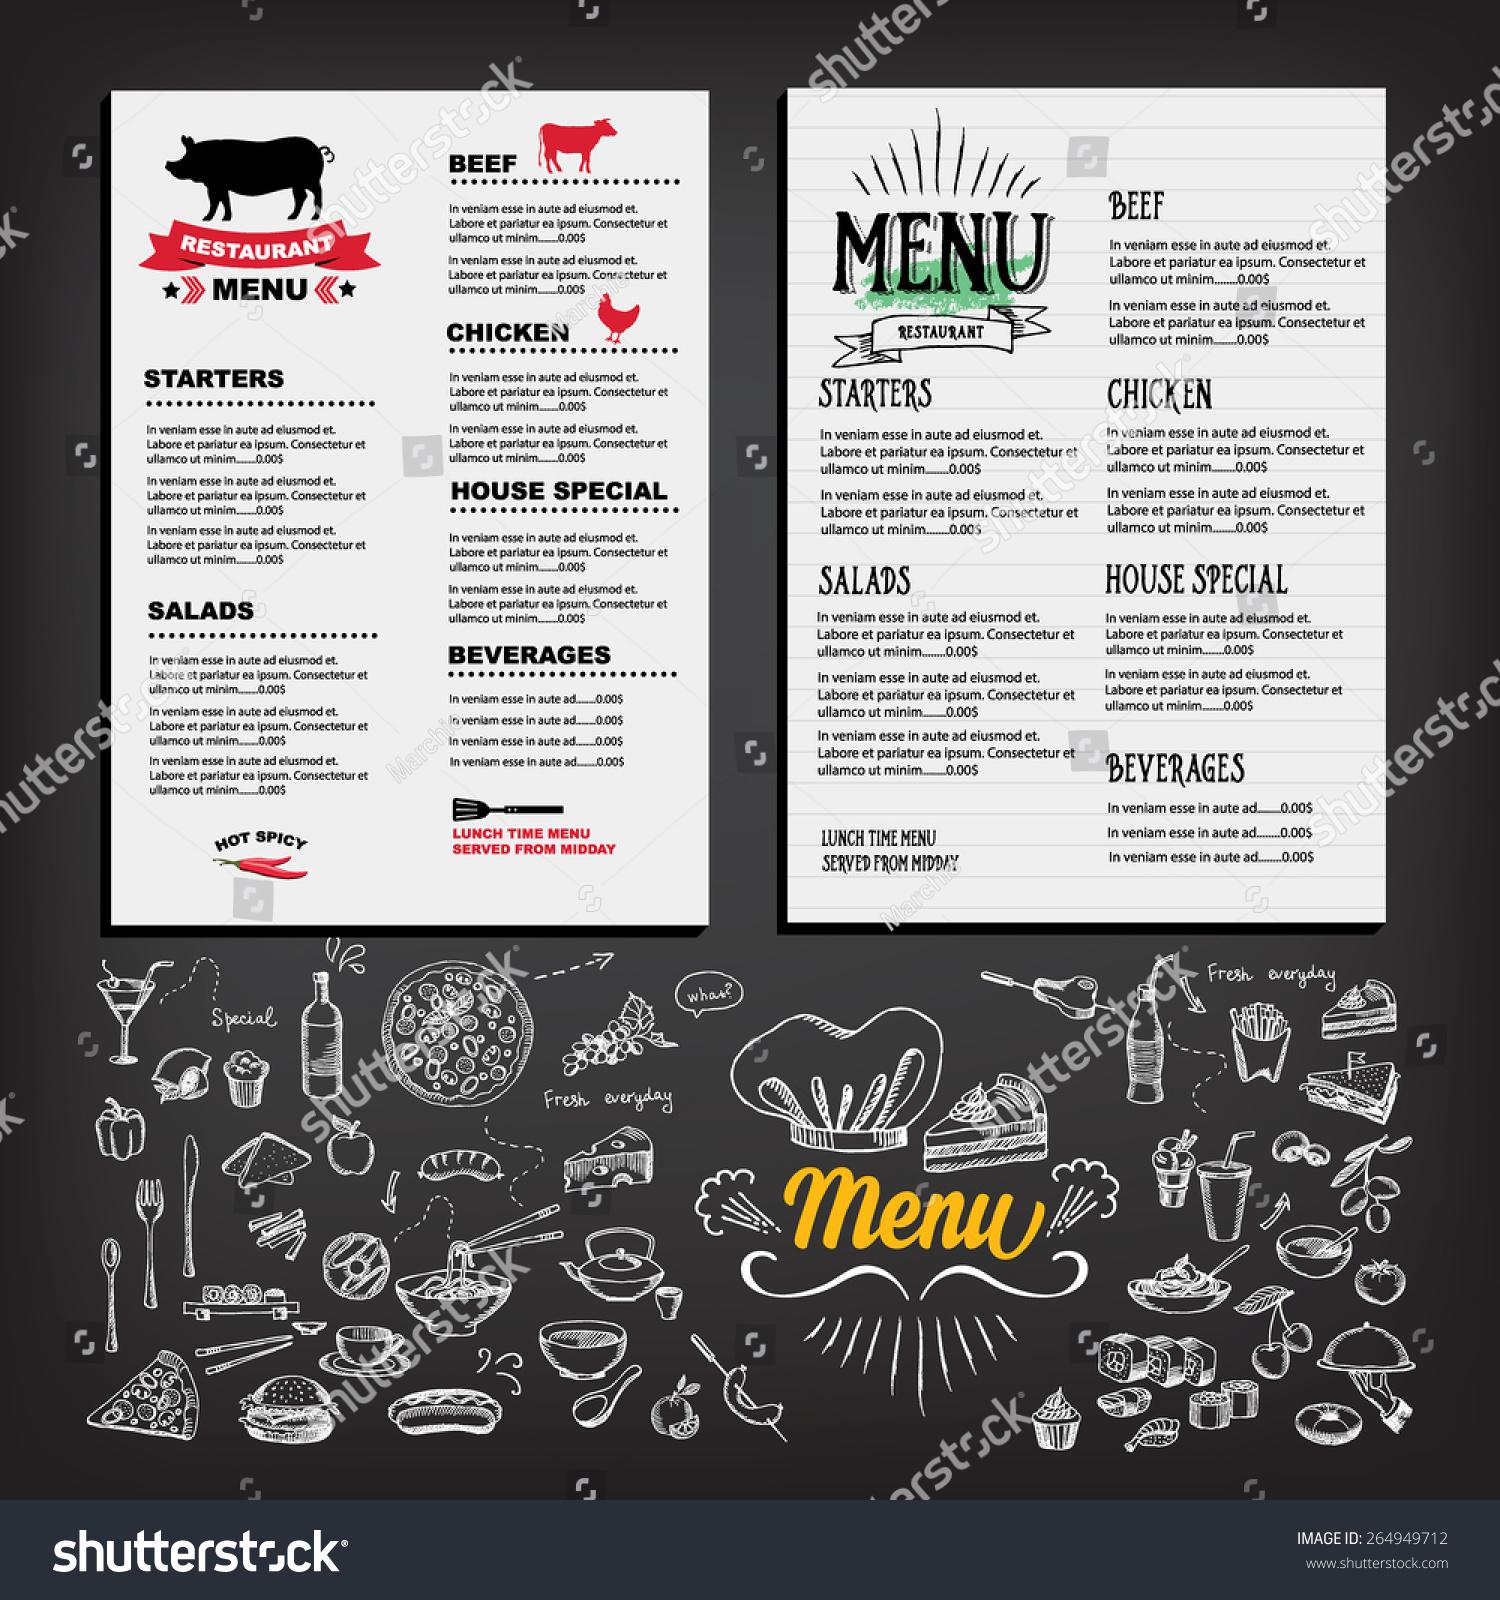 Food menu restaurant template design flyer stock vector for Cafe brochure design